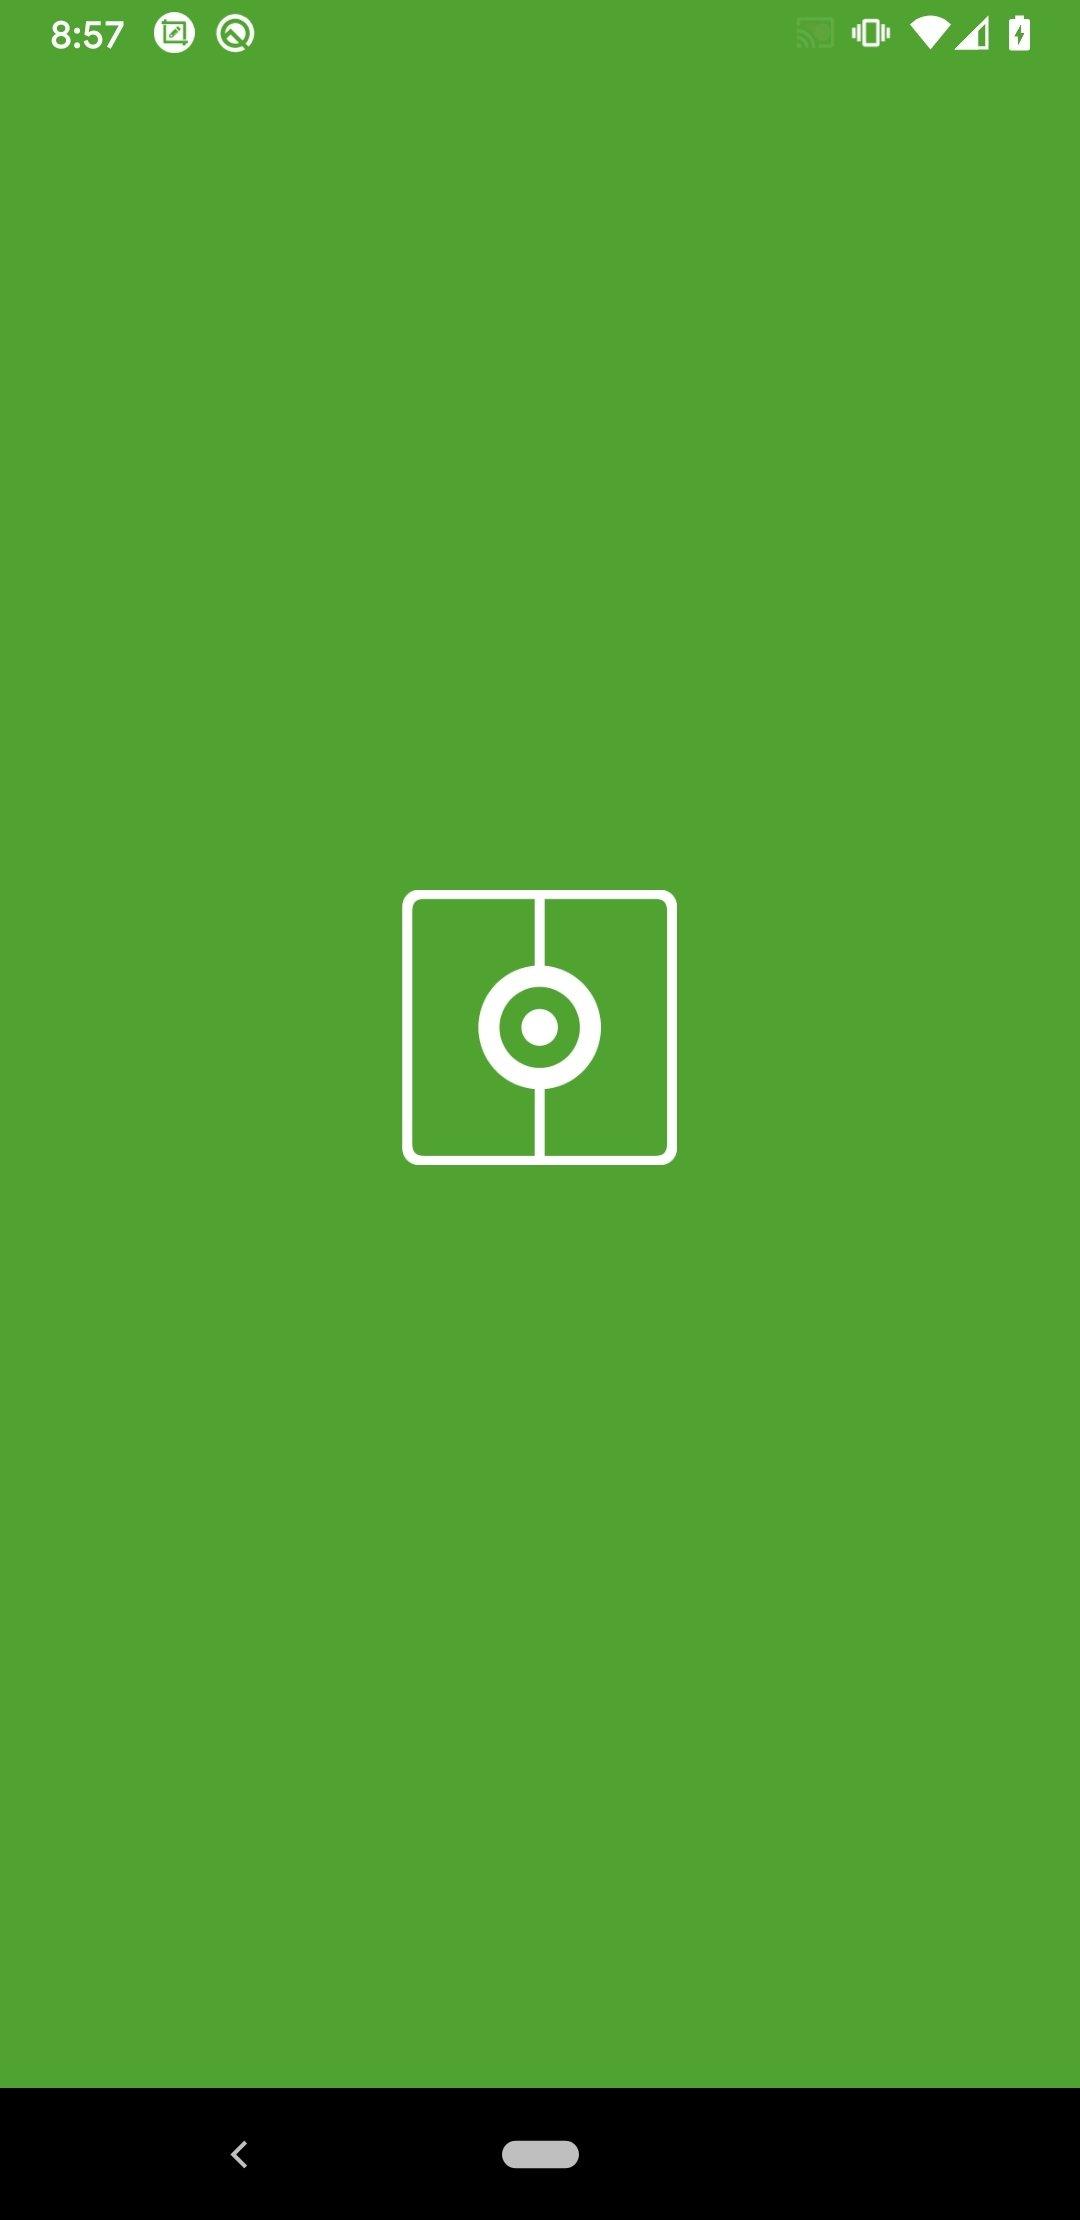 Fussball Ergebnisse 5 1 5 6 Download Fur Android Apk Kostenlos